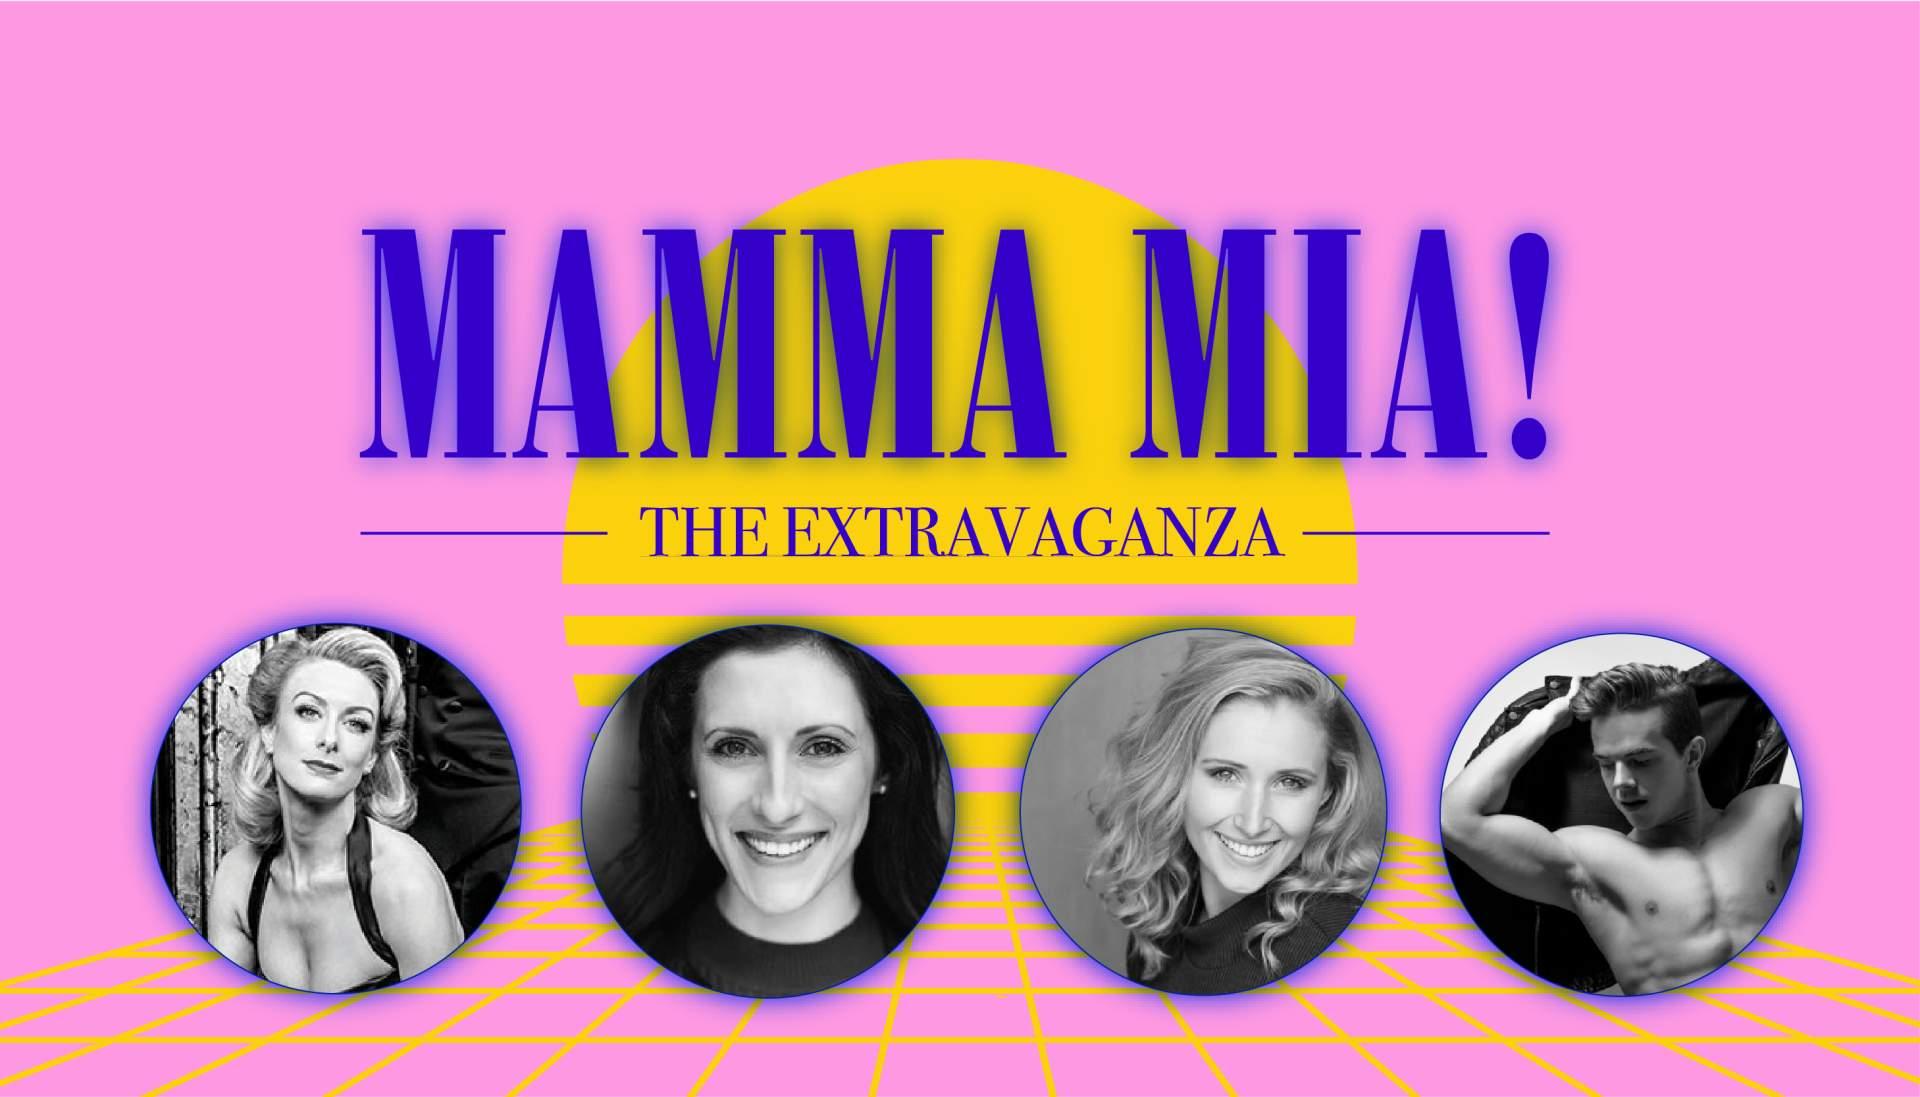 Mamma Mia - The Extravaganza